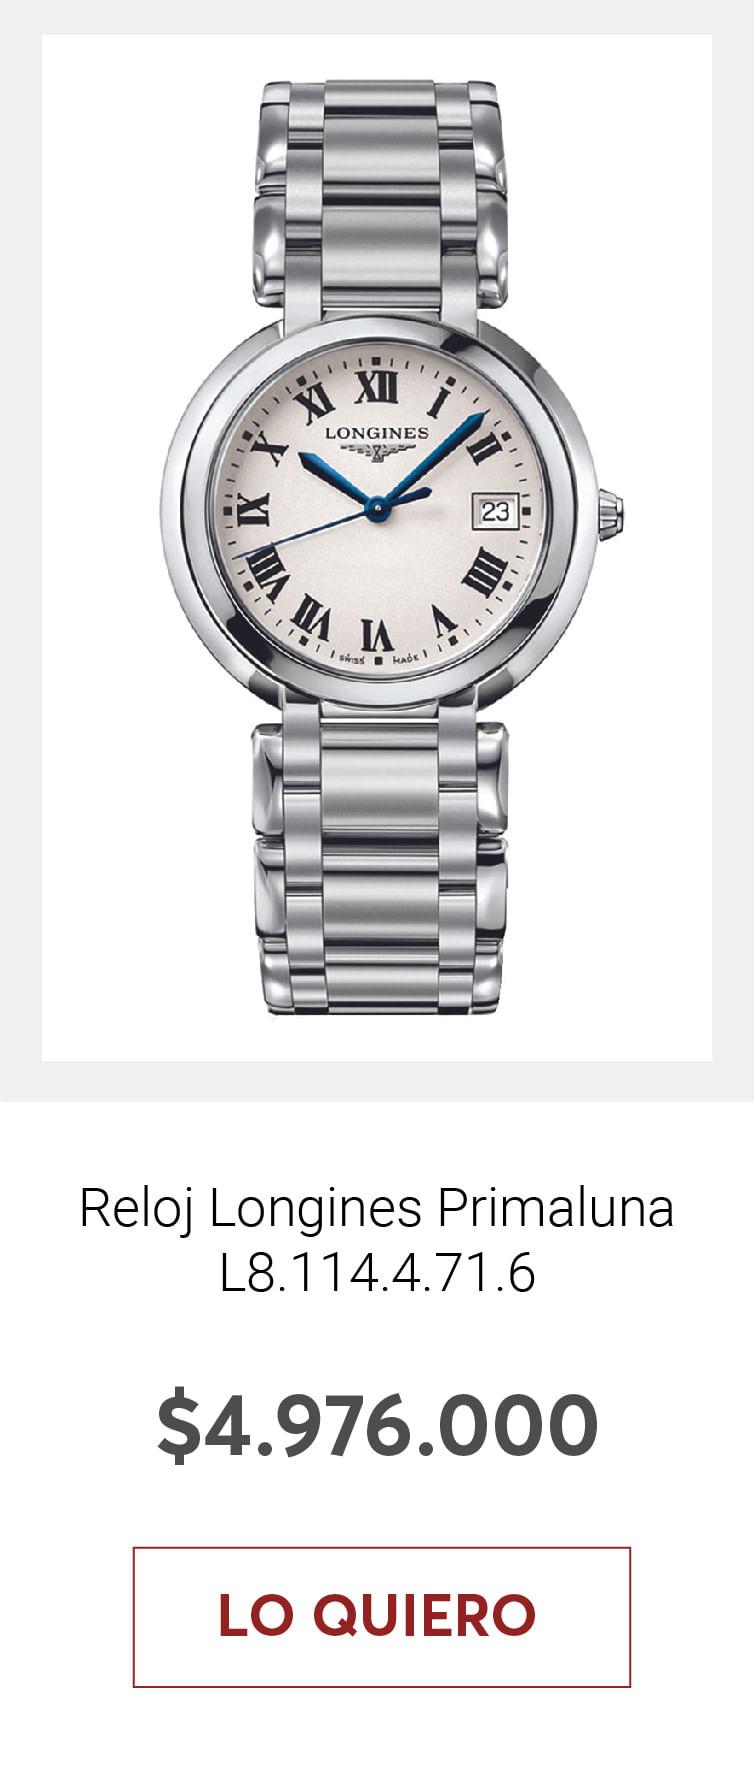 Reloj Longines Primaluna L8.114.4.71.6